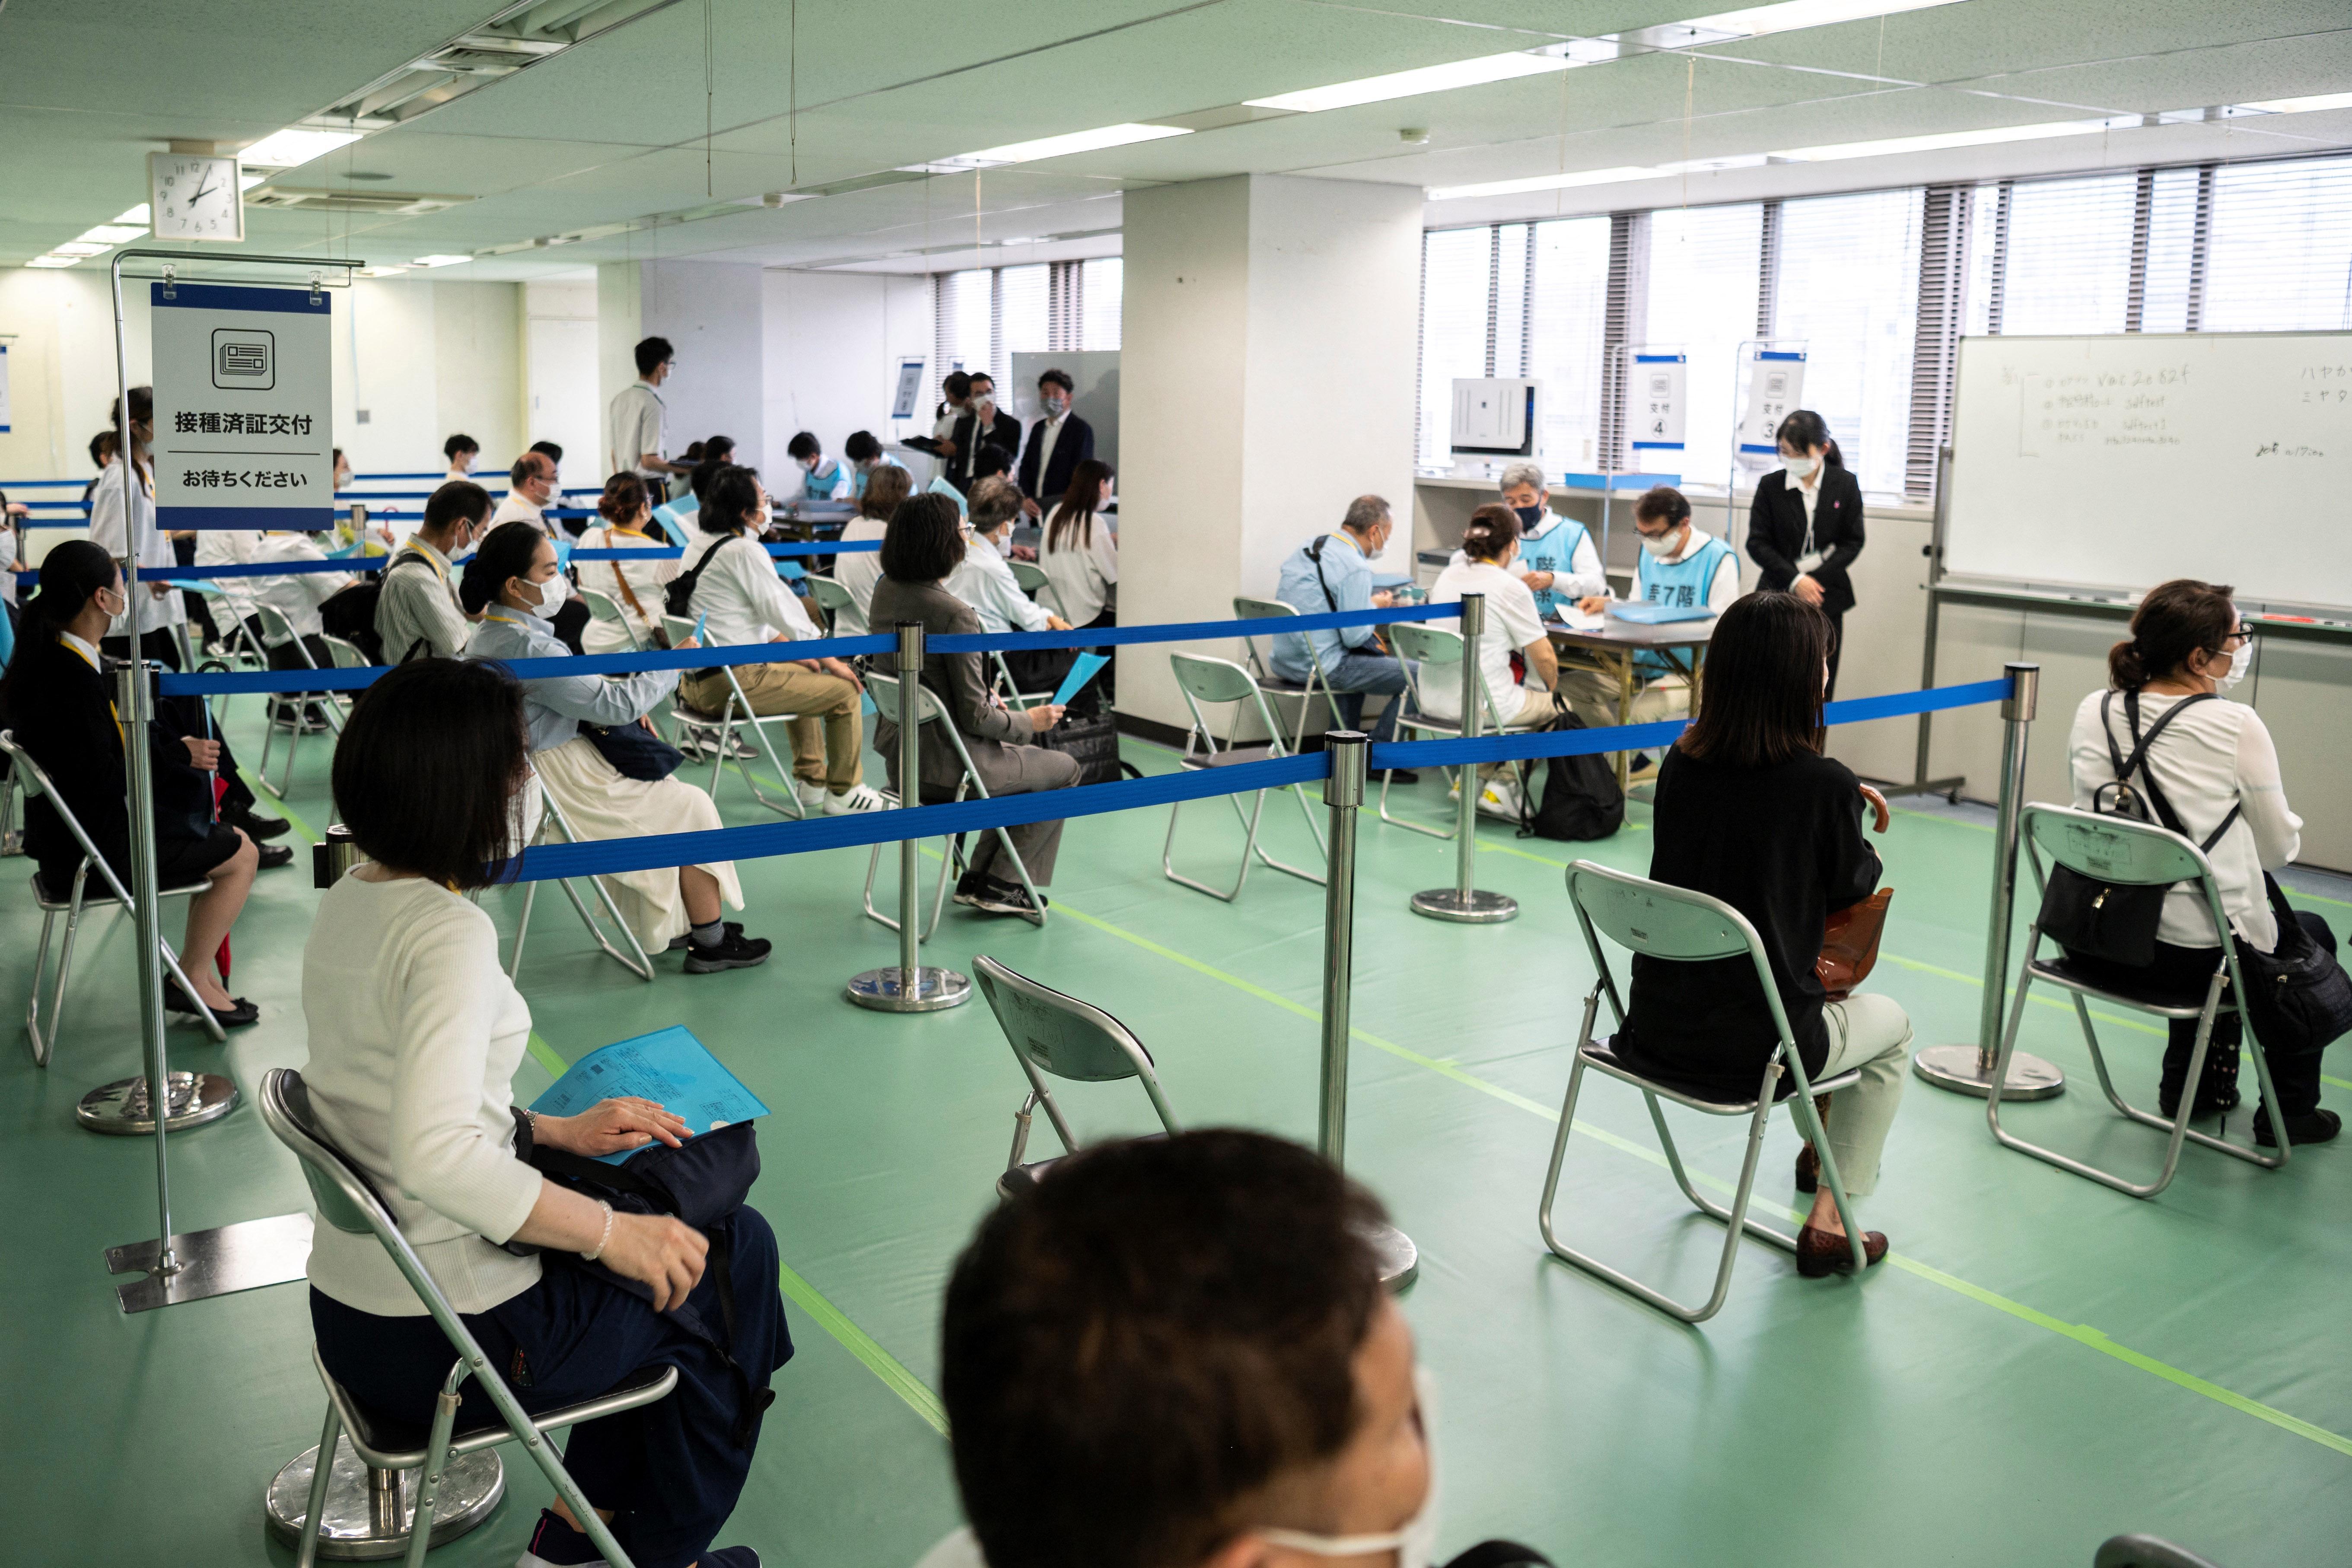 (O Japão abriu seus primeiros centros de vacinação em massa às pressas em uma campanha prévia às Olimpíadas, canceladas no ano passado devido à pandemia. Foto: Charly TRIBALLEAU / AFP)